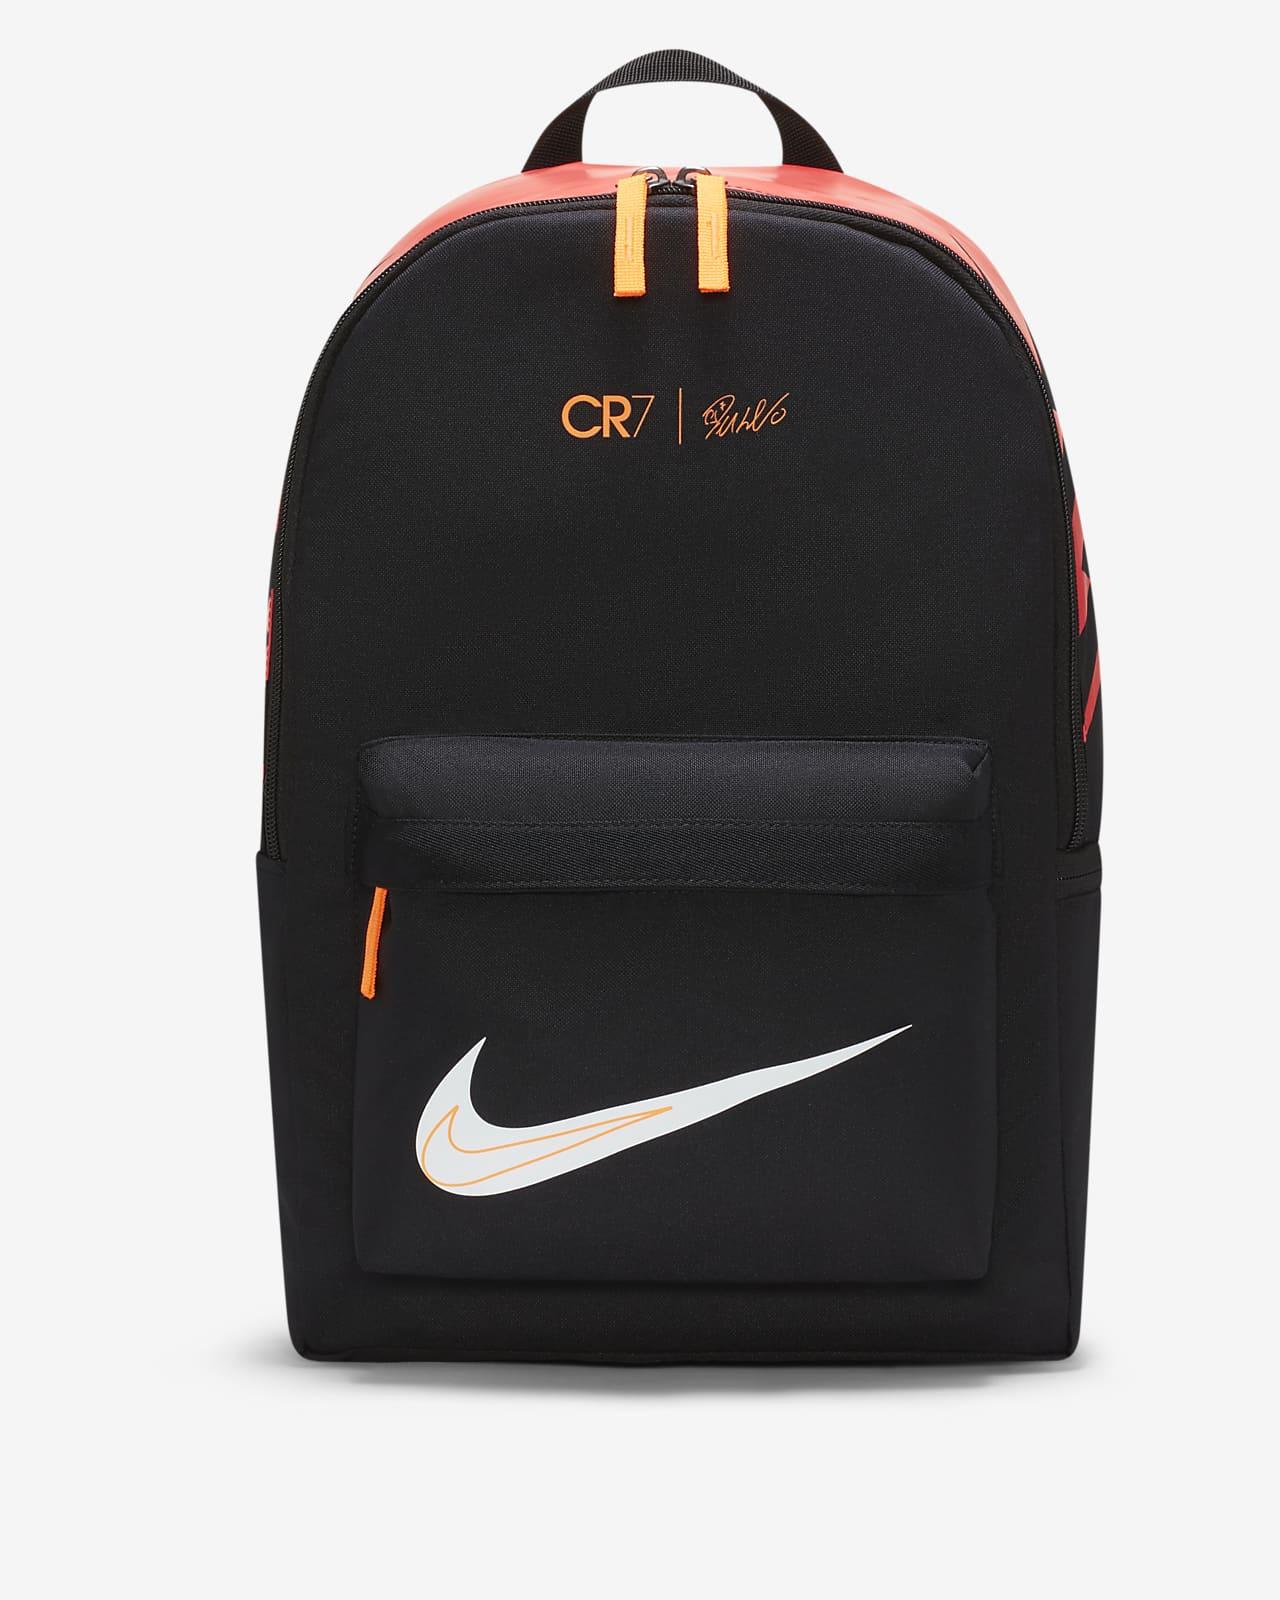 Mochila de fútbol para niños CR7